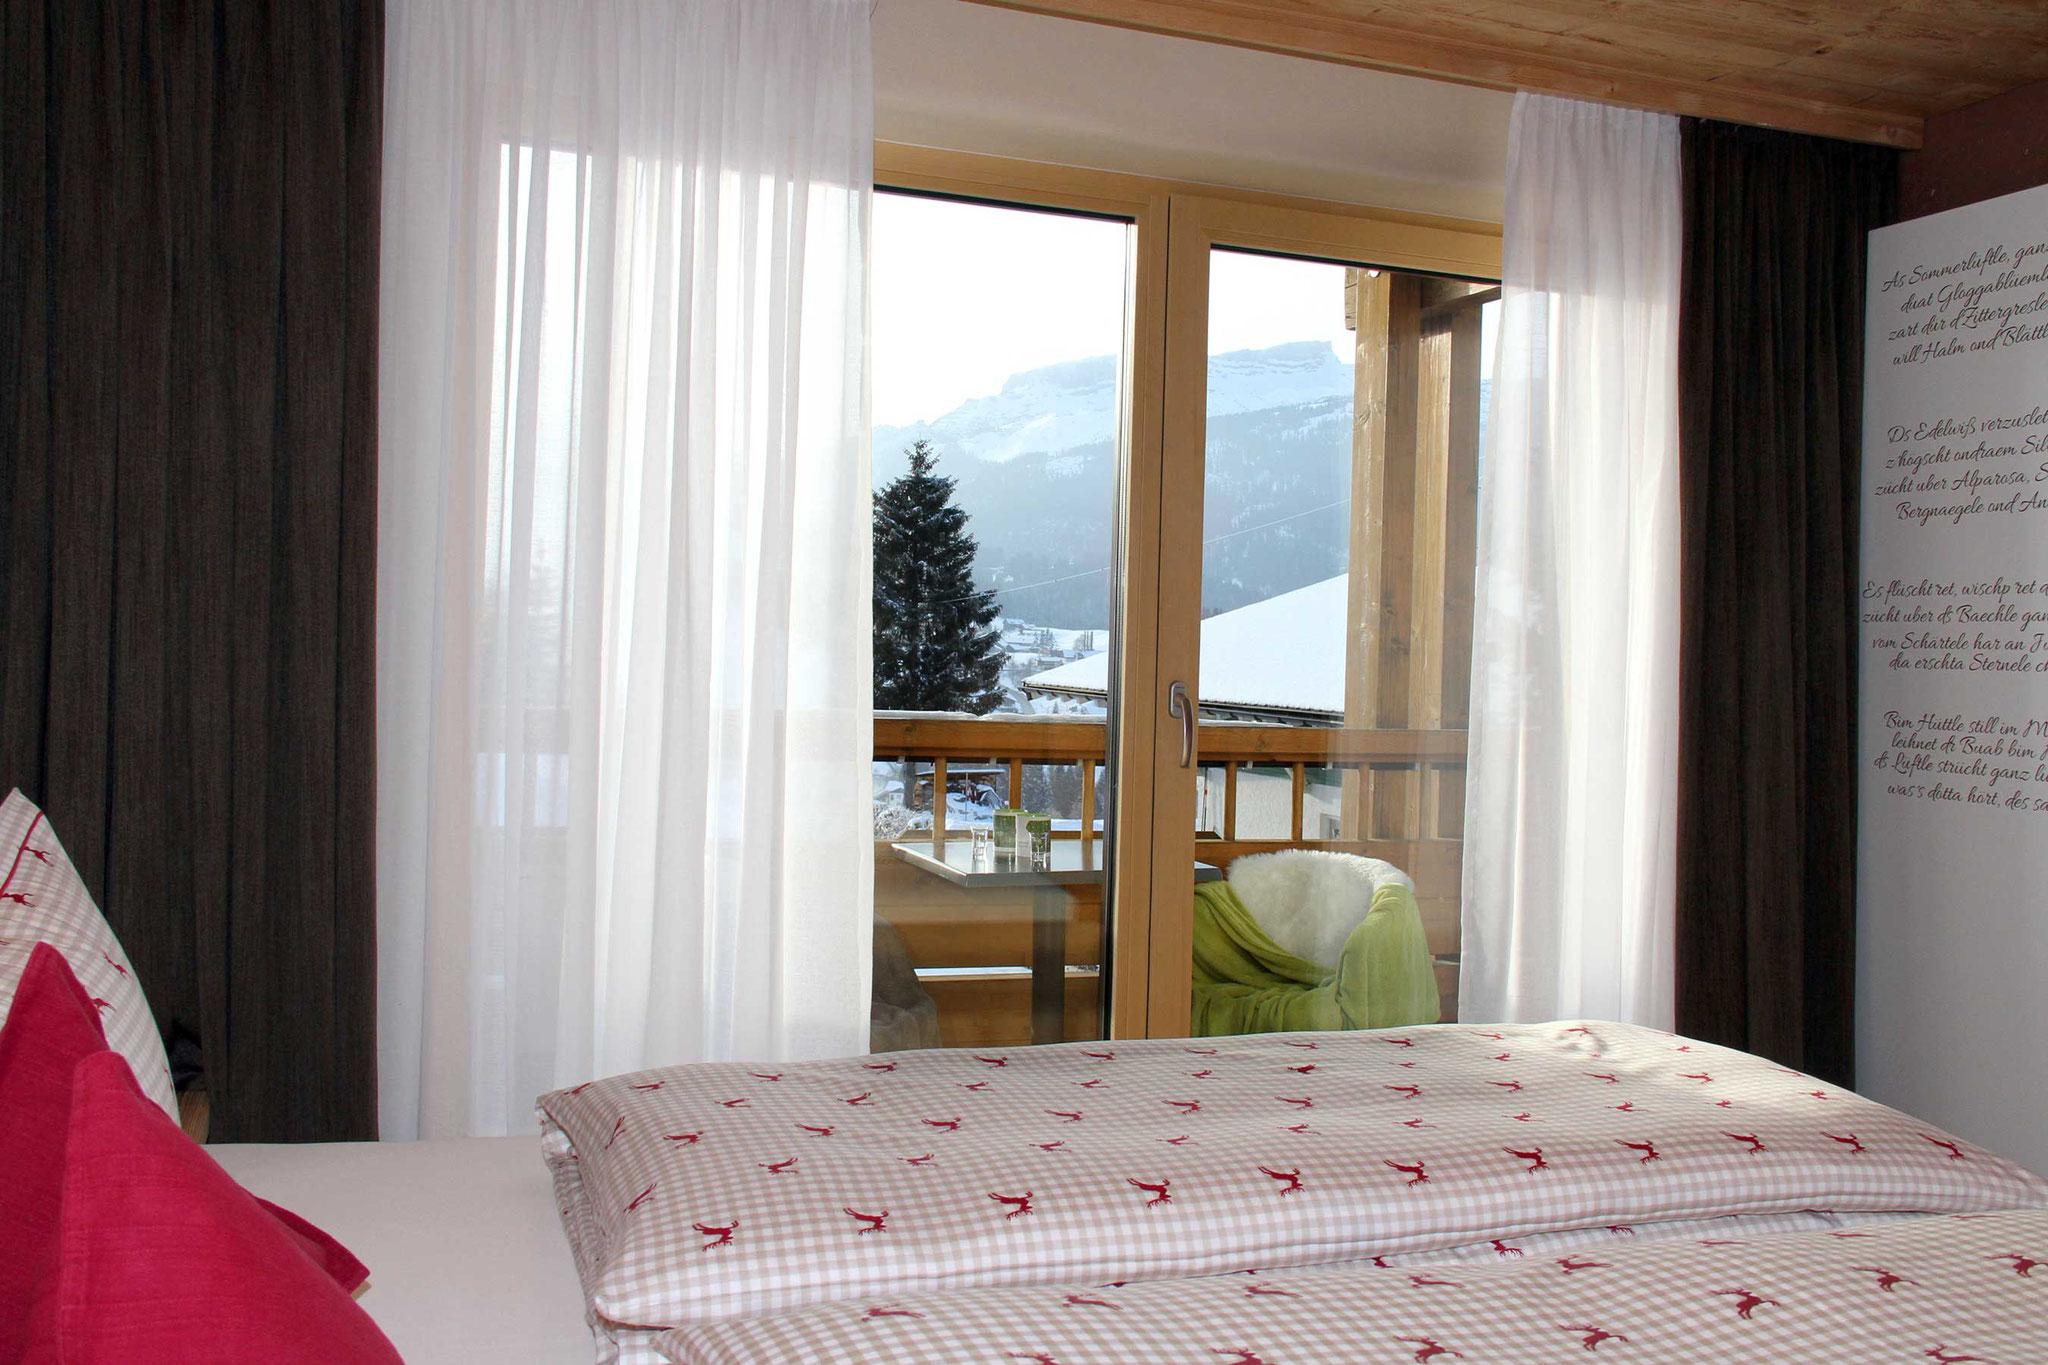 exklusive Ferienwohnung, Wiesengrund, Kleinwalsertal, Gamswurz, Schlafzimmer mit Ausblick